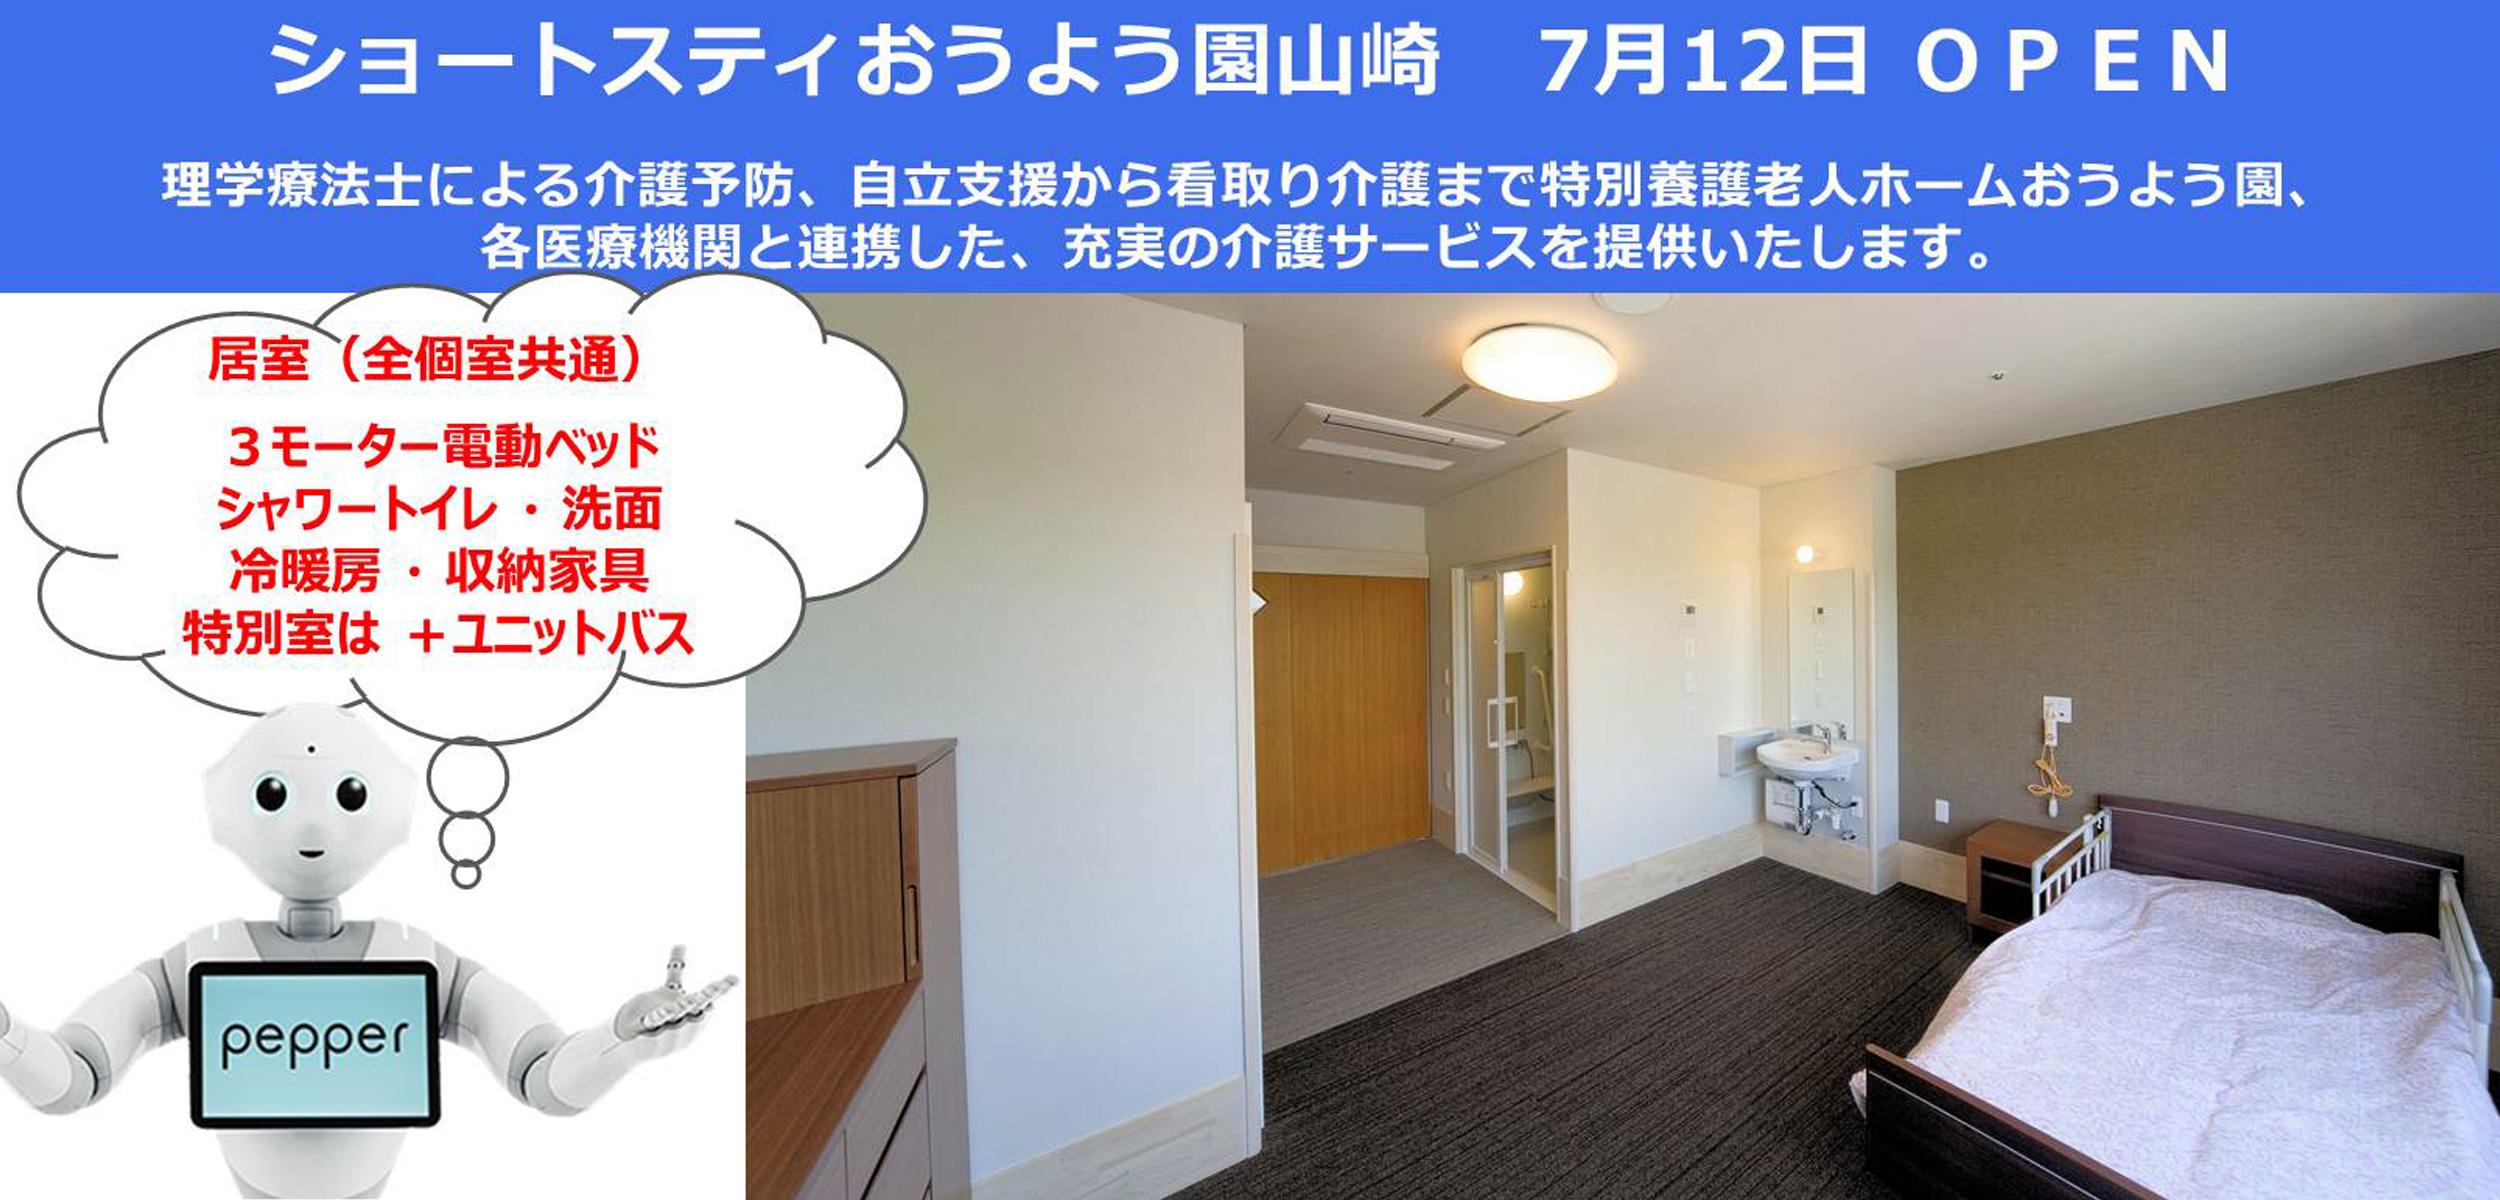 ショートスティおうよう園山崎、居室はシャワートイレ、冷暖房等付き